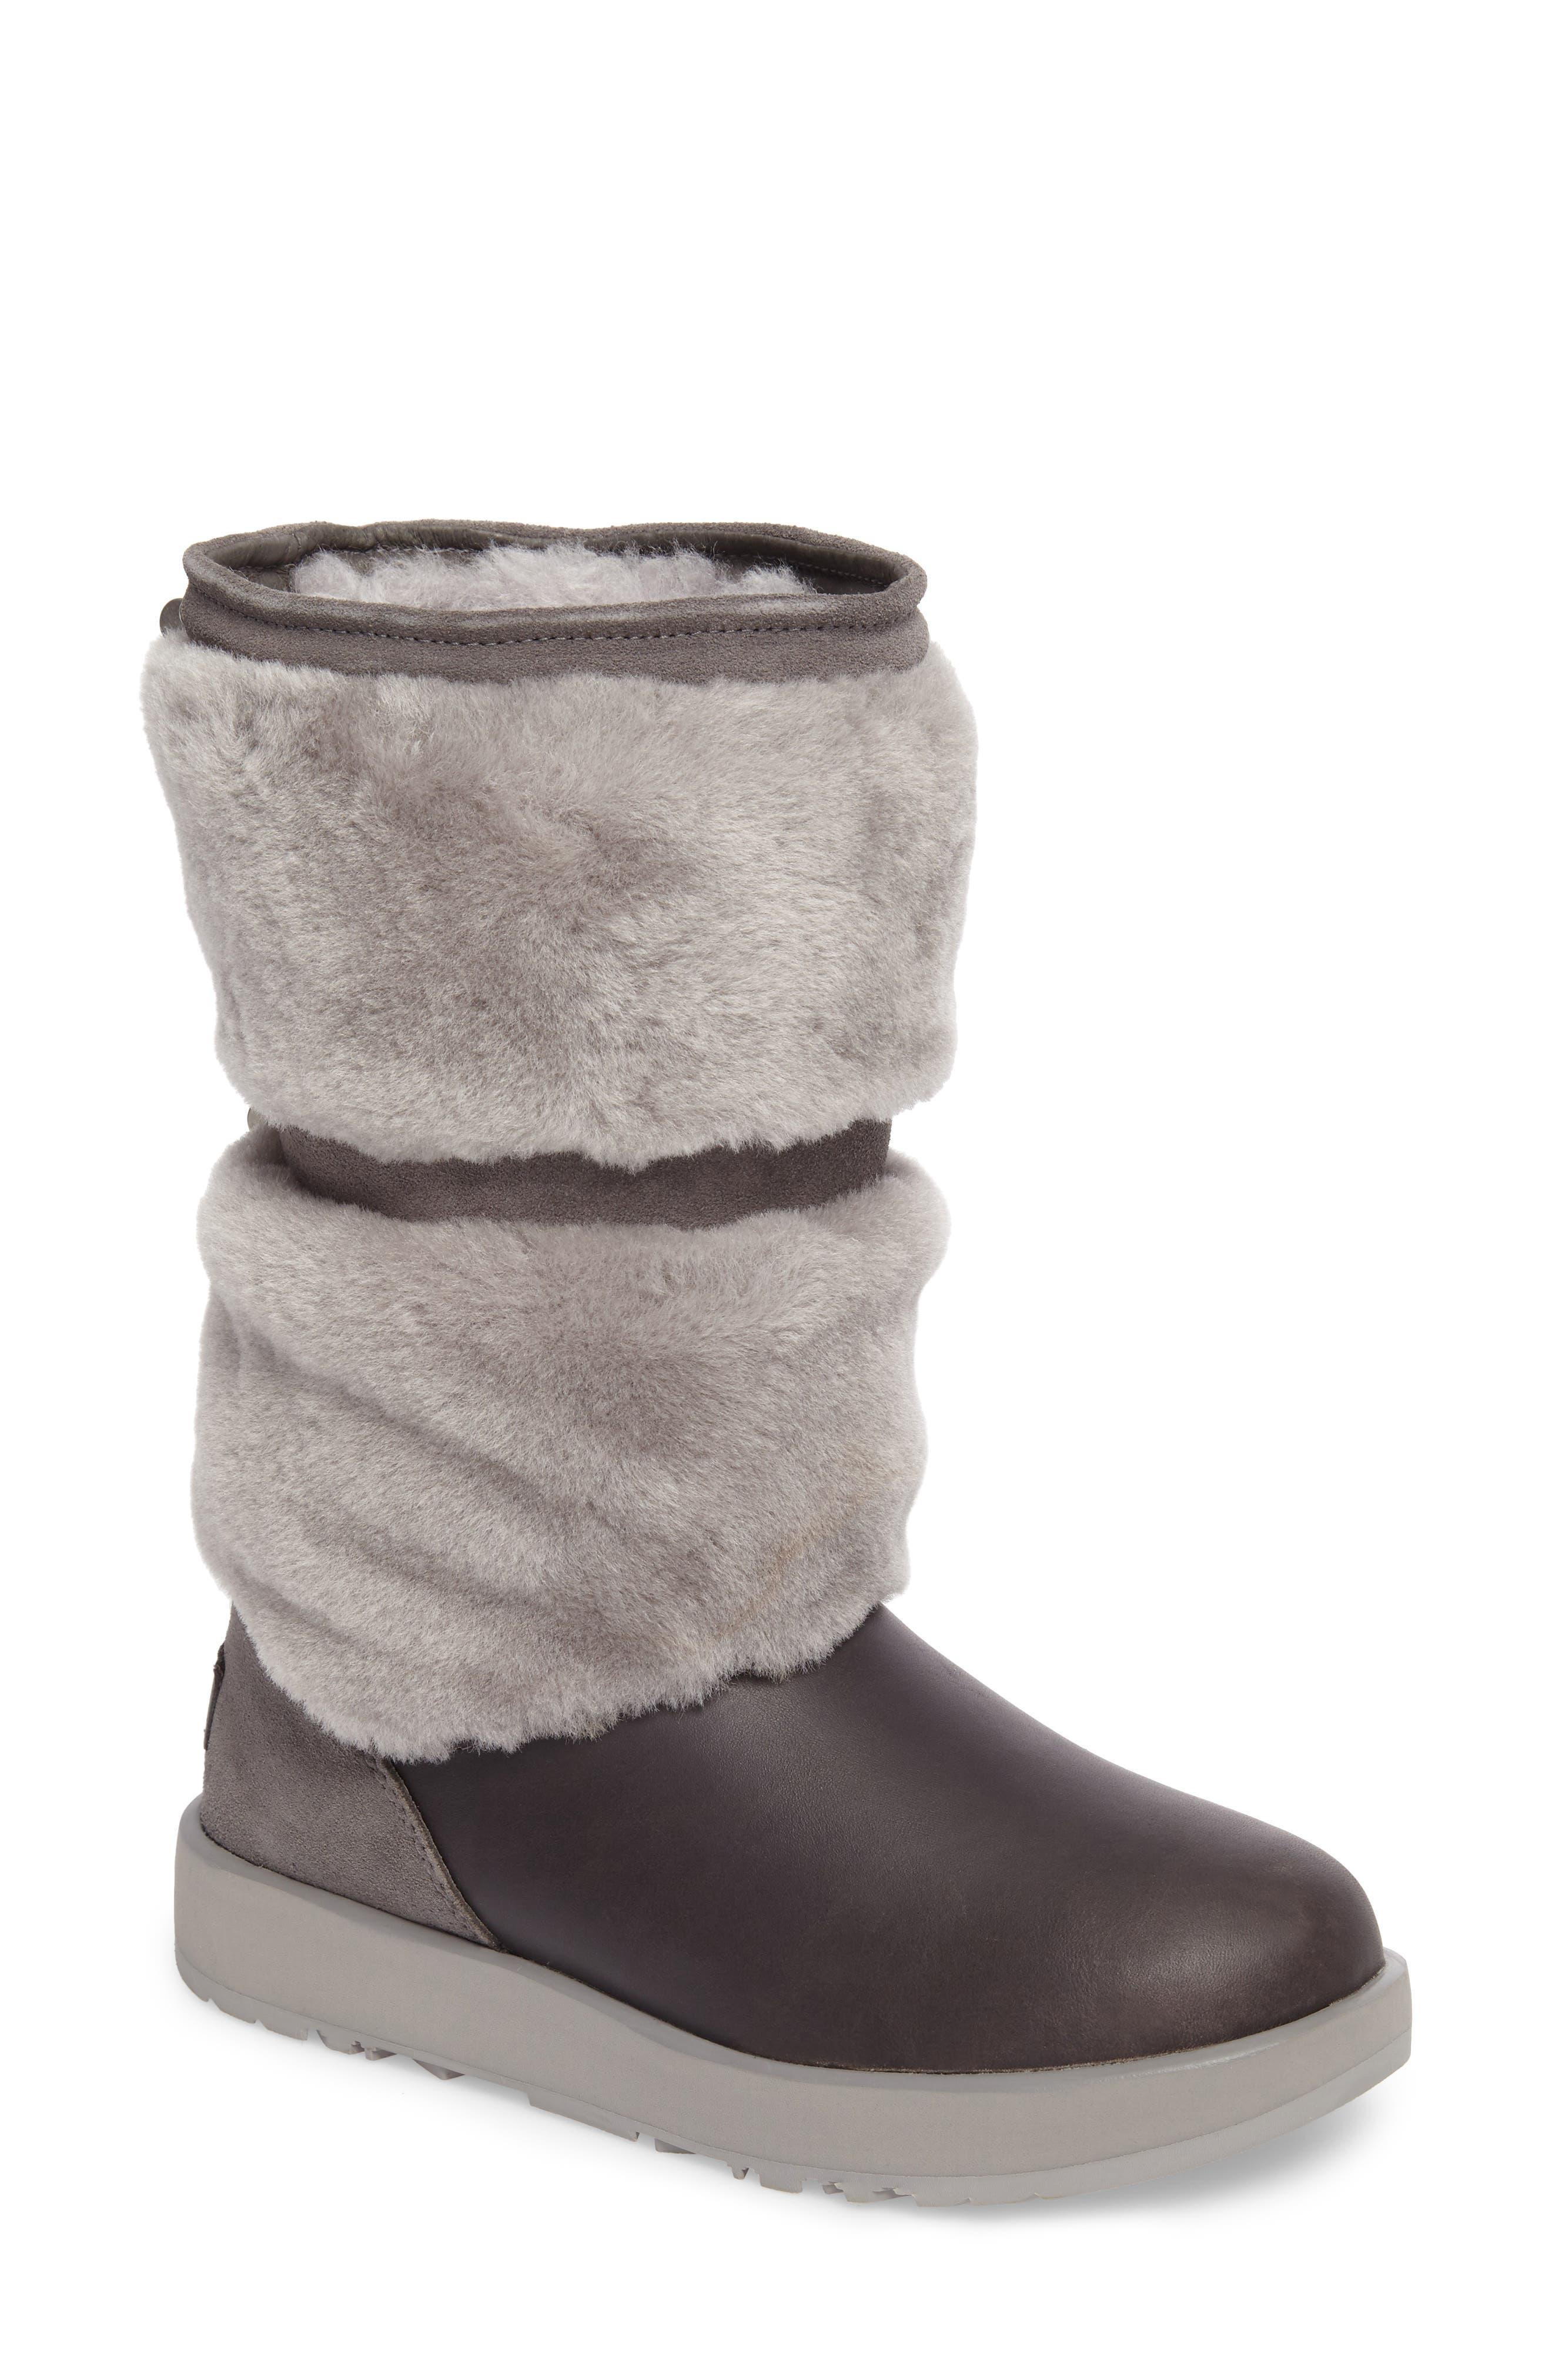 Alternate Image 1 Selected - UGG® Reykir Waterproof Snow Boot (Women)